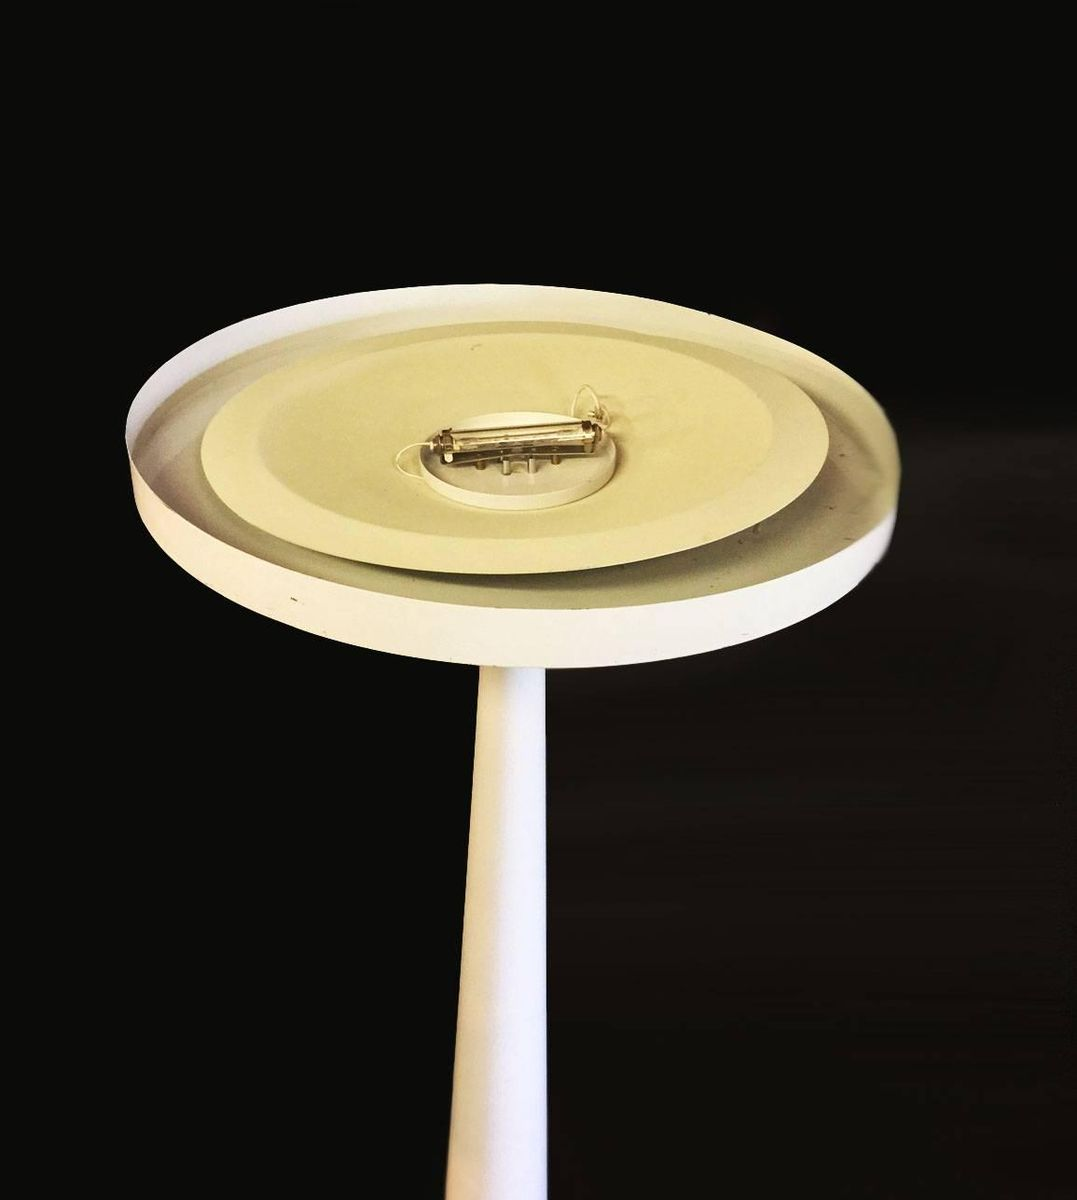 franz sische minimalistische wei e metall stehlampe 1980. Black Bedroom Furniture Sets. Home Design Ideas